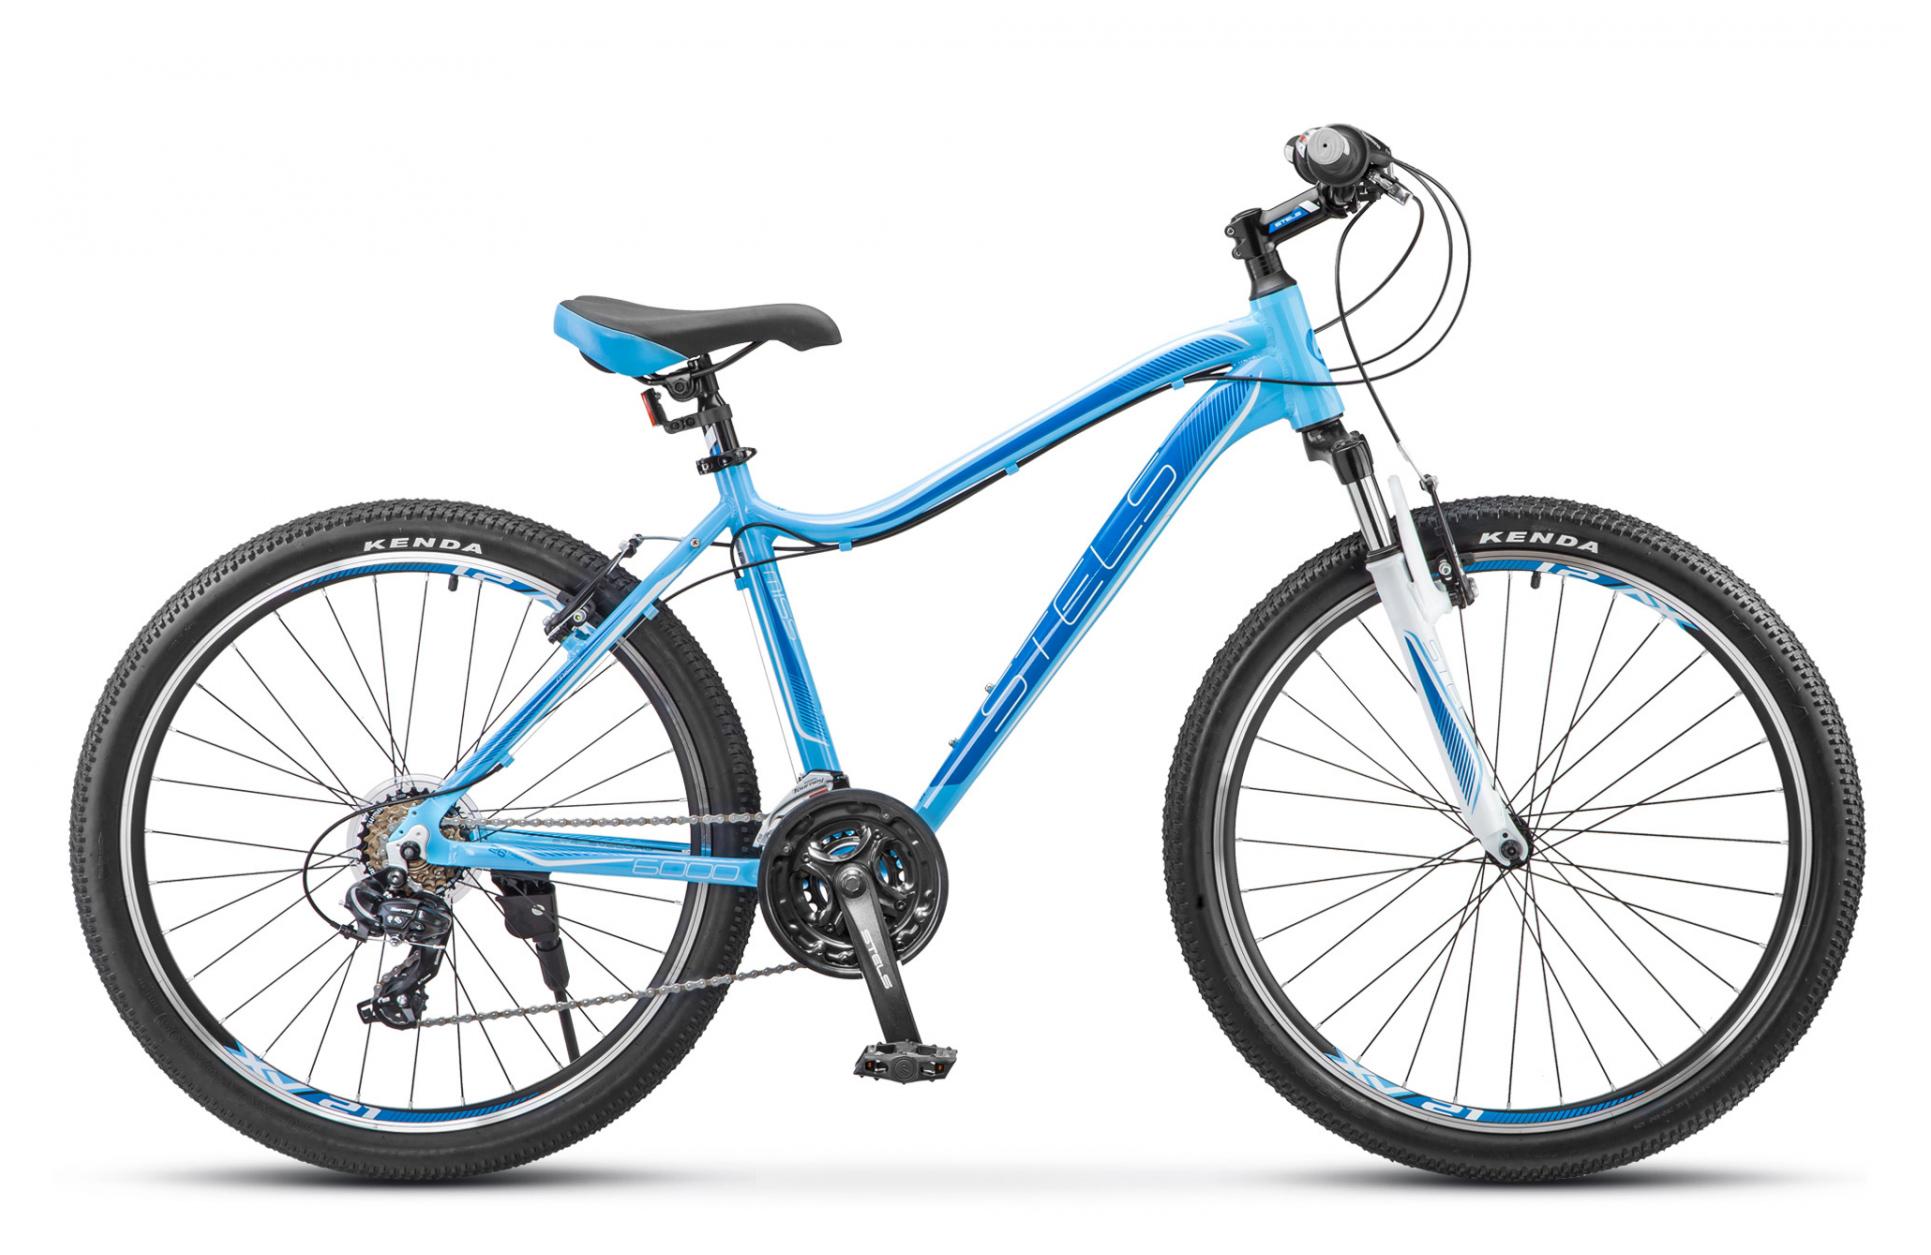 цена на Велосипед Stels Miss 6000 V 26 (V020) 2019